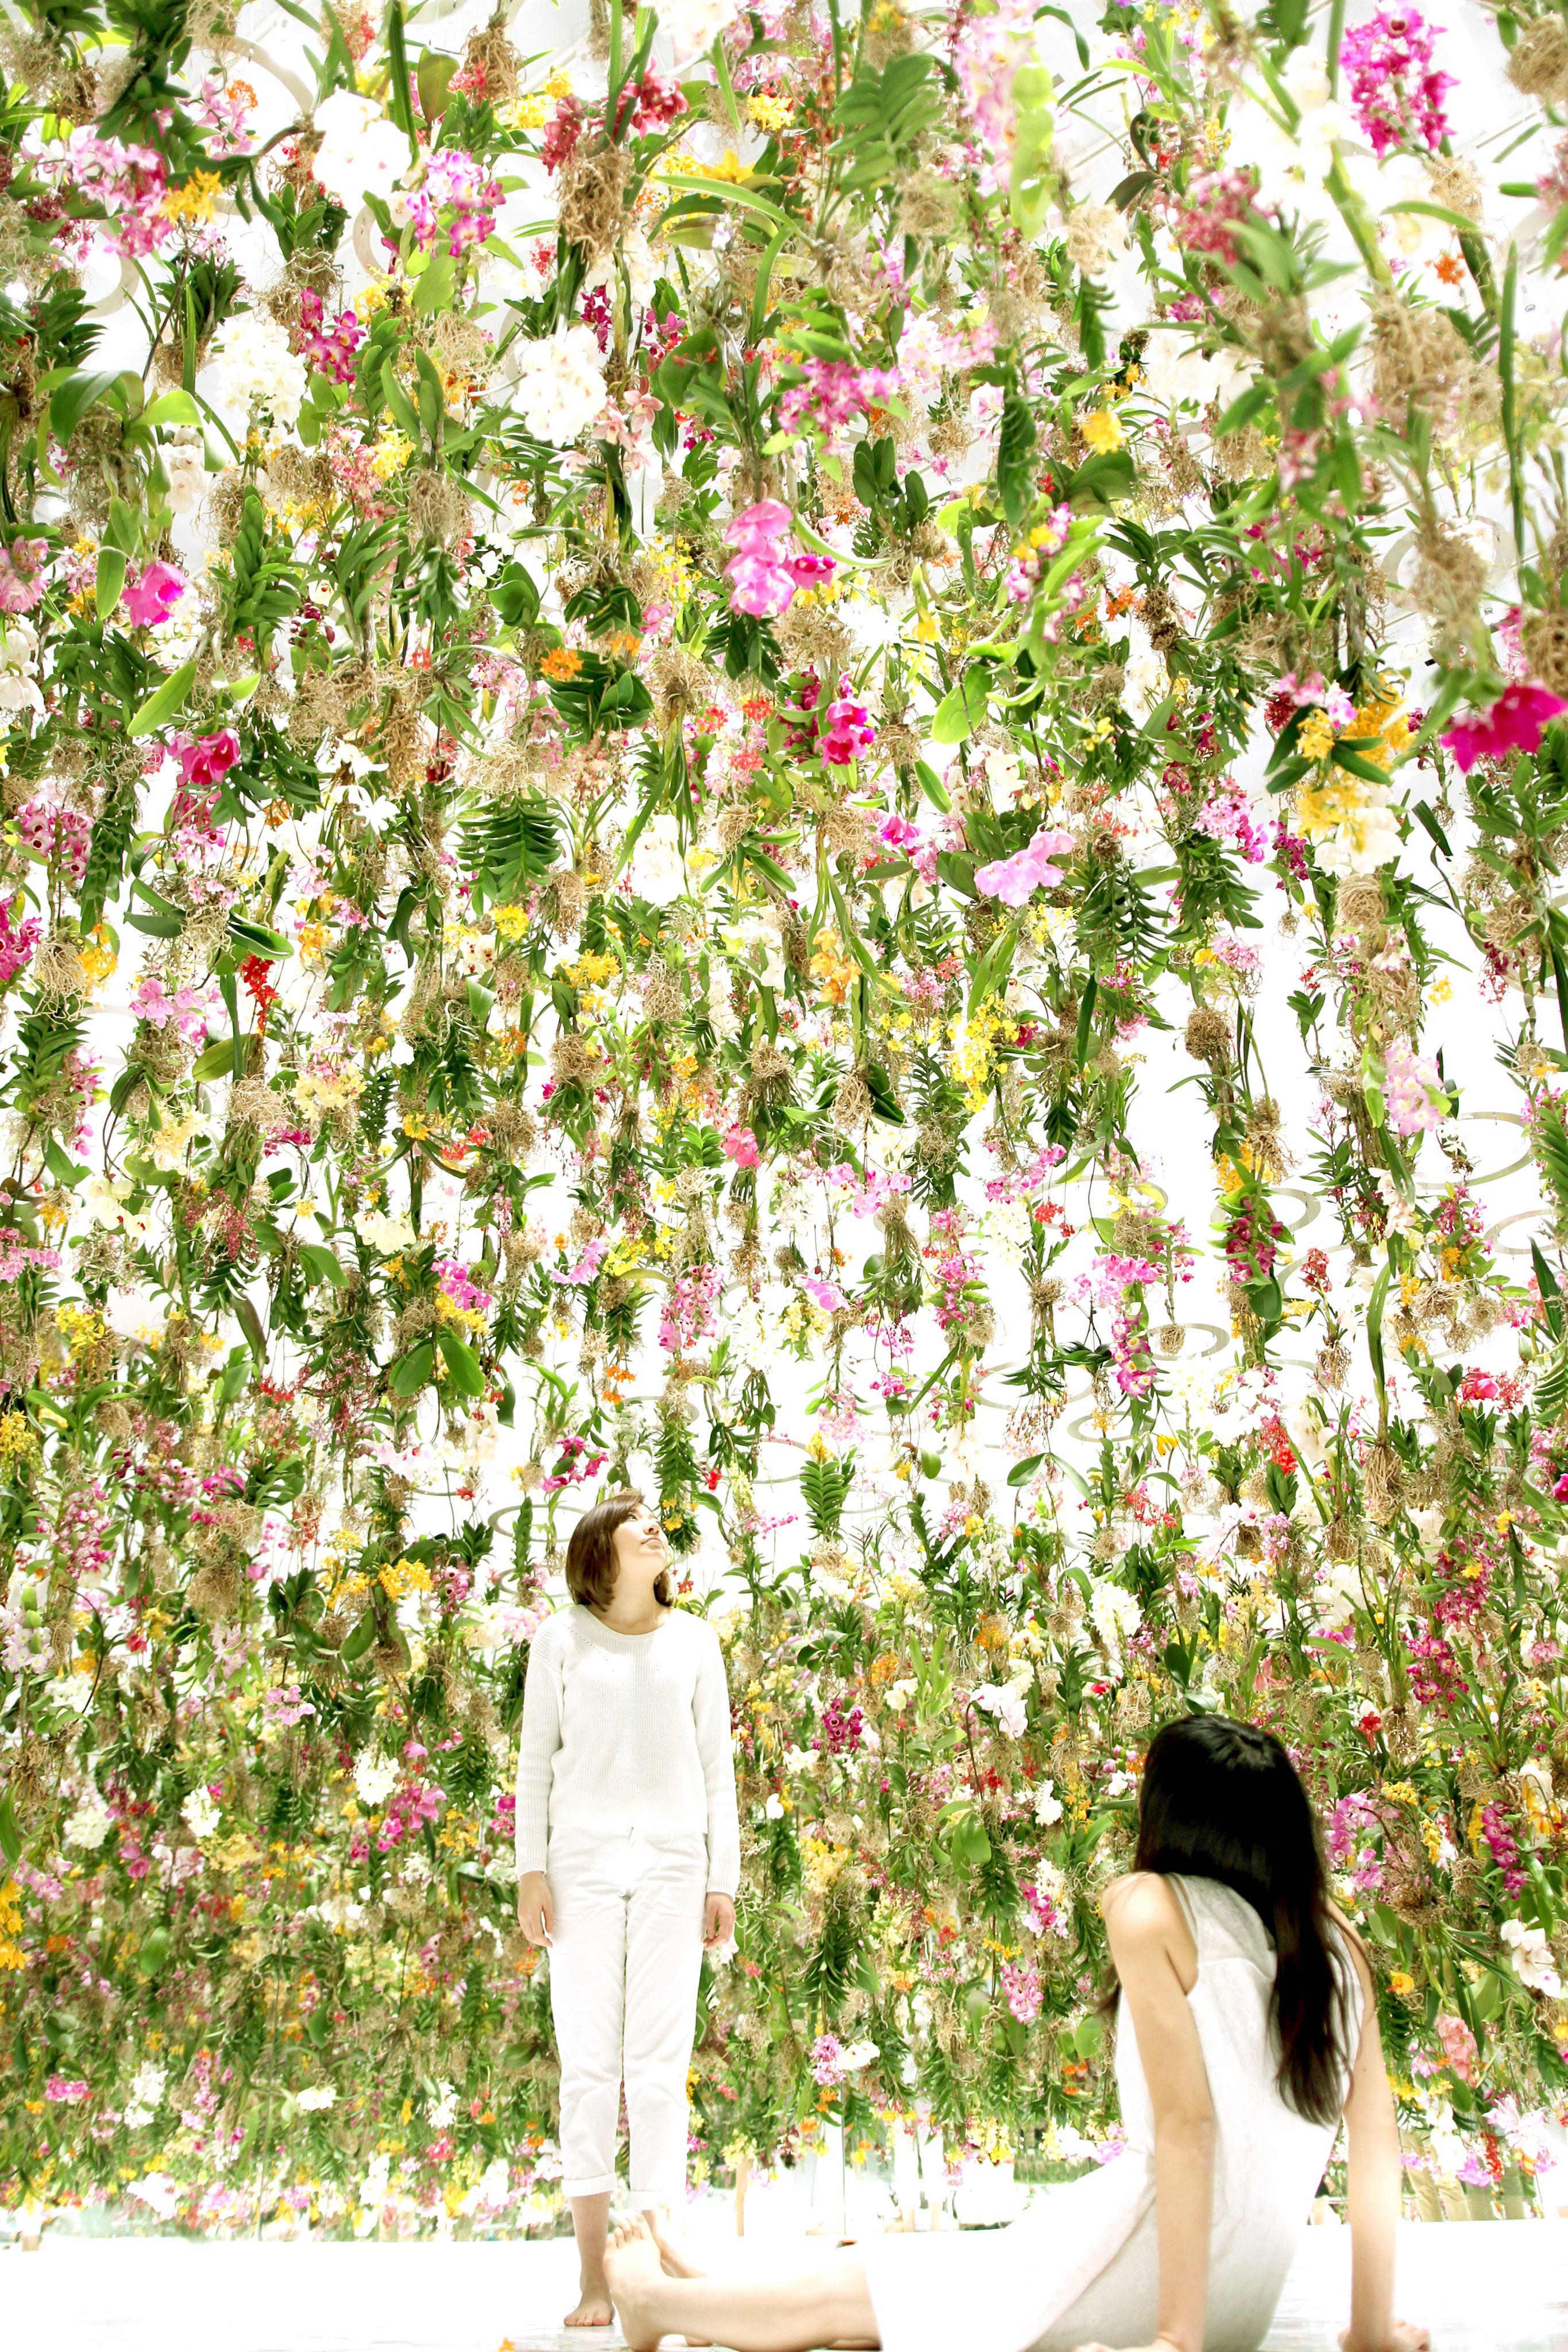 גן פרחים מרחף ואינטראקטיבי ביפן